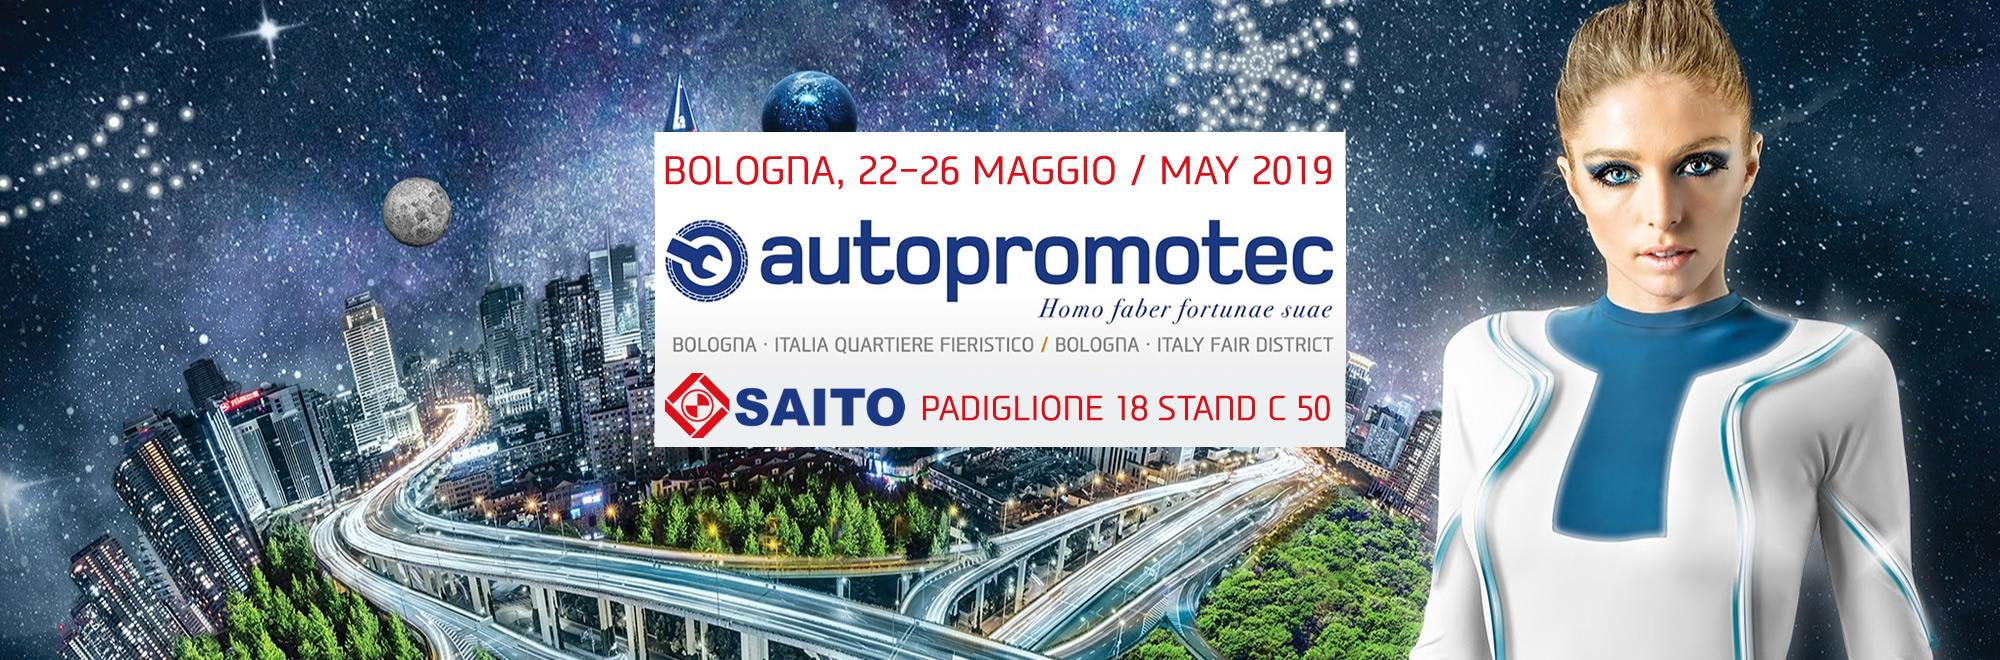 Partecipazione ad Autopromotec 2019 | SAITO